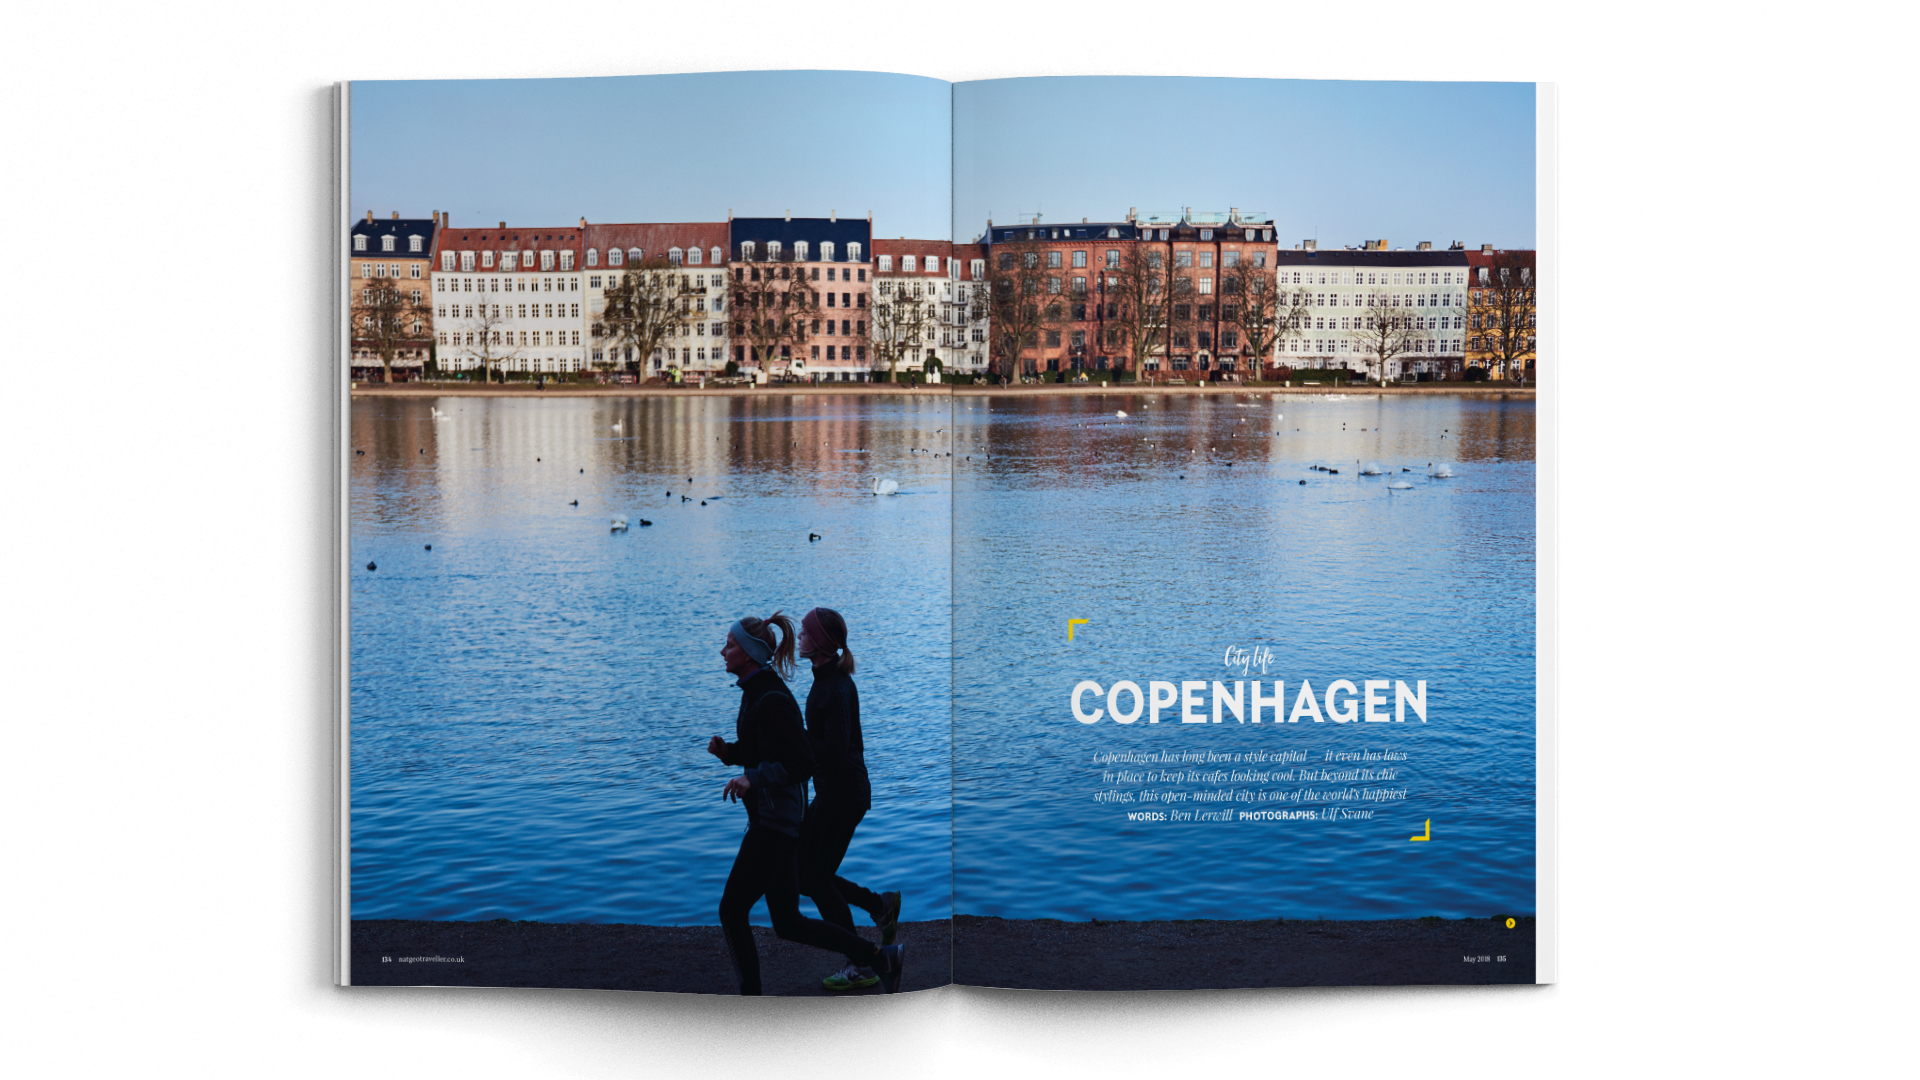 A4-Magazine-DPS-NGT-CL-Copenhagen-1